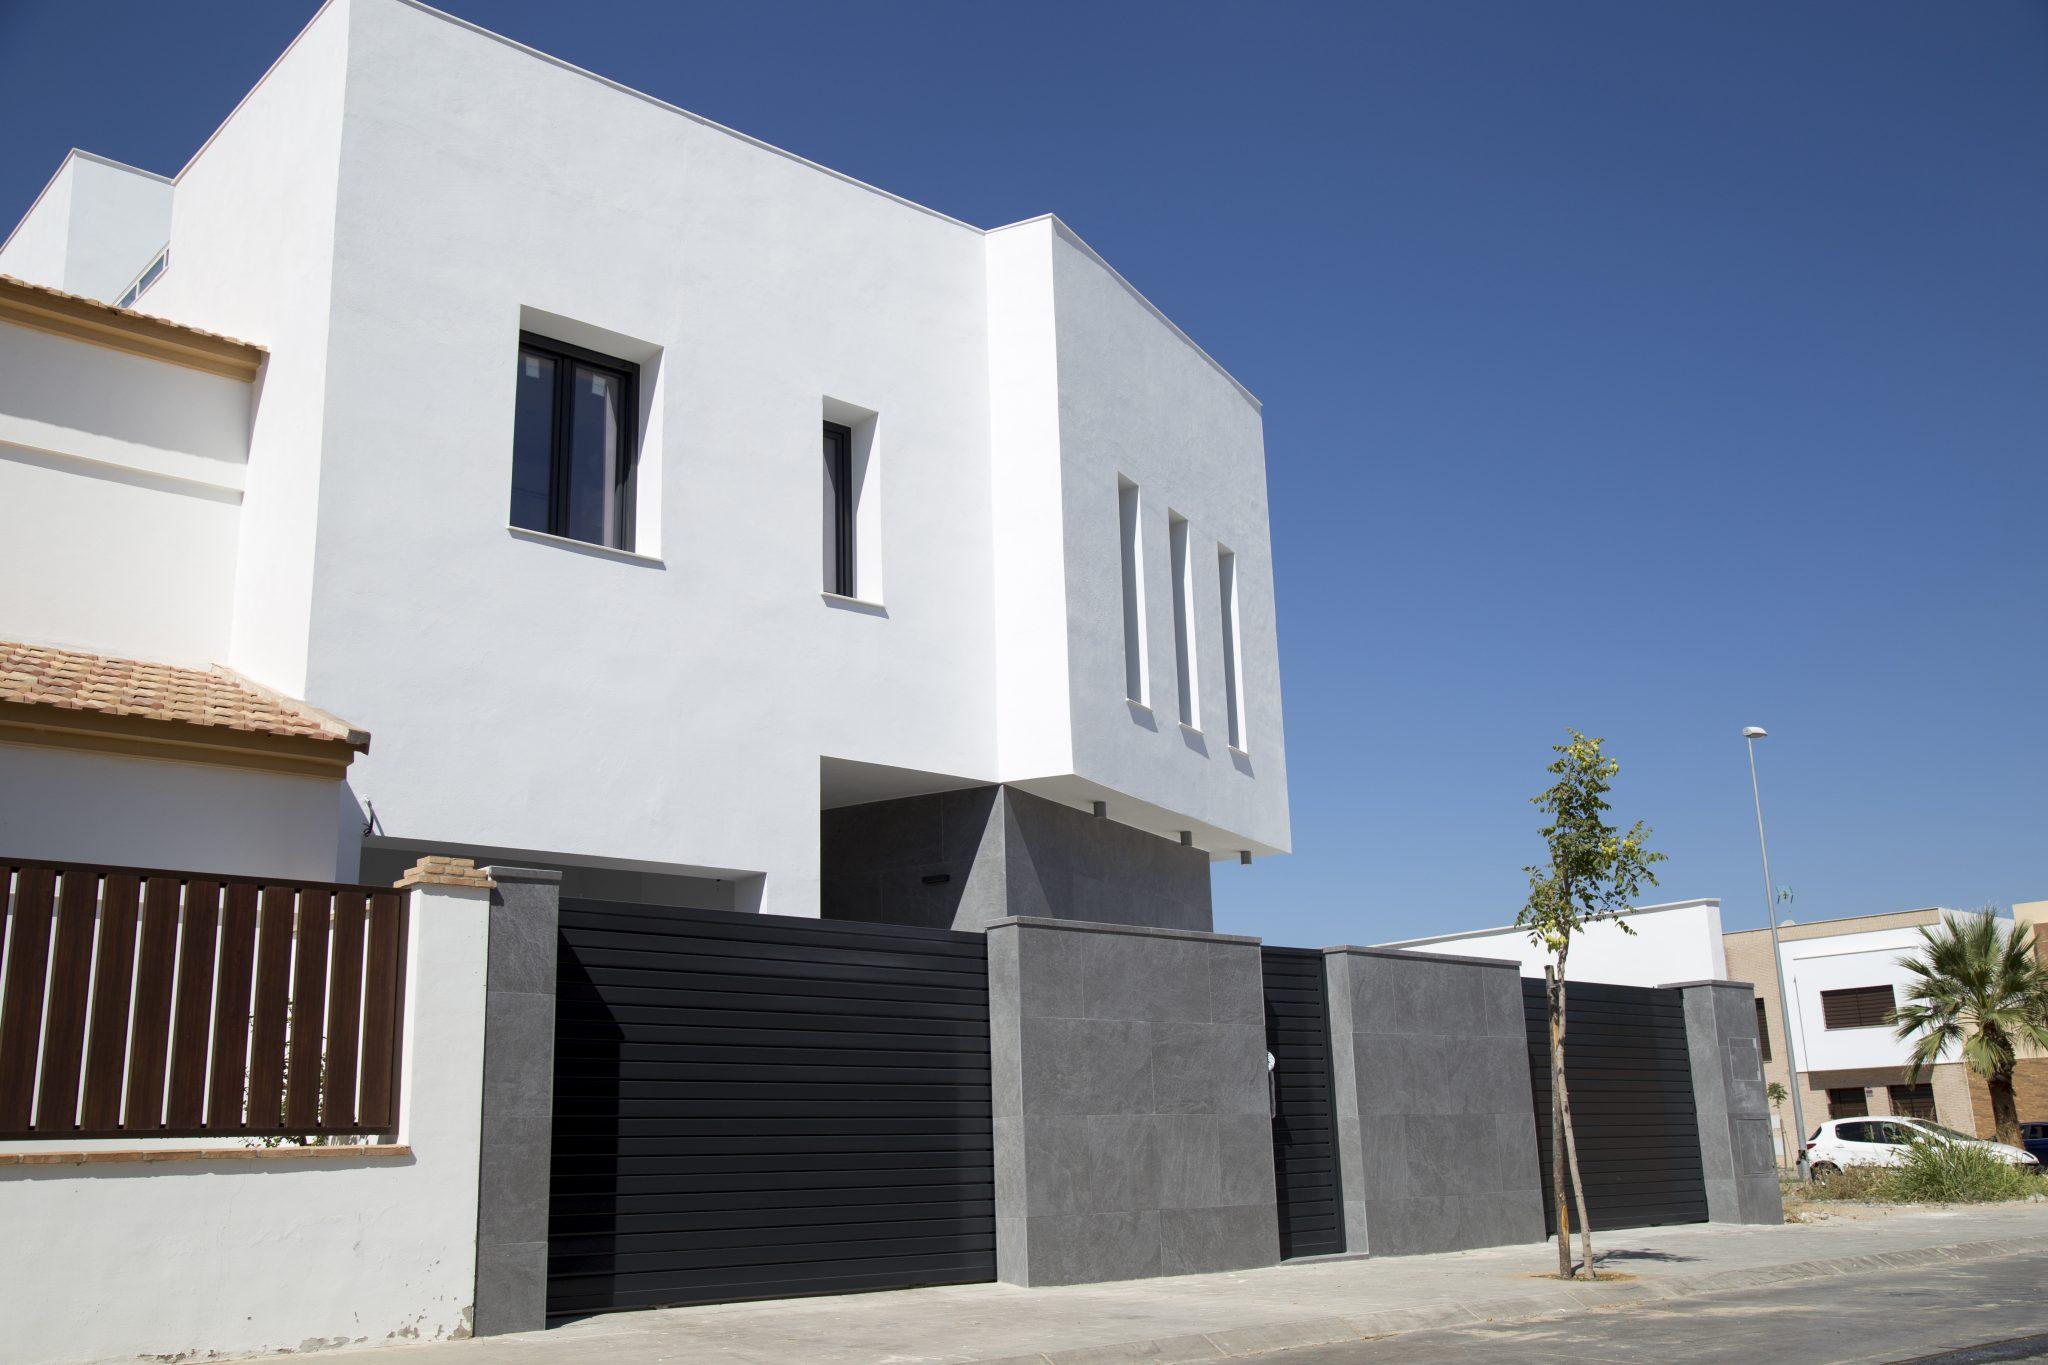 Vivienda Aislada en La Rinconada (Sevilla)